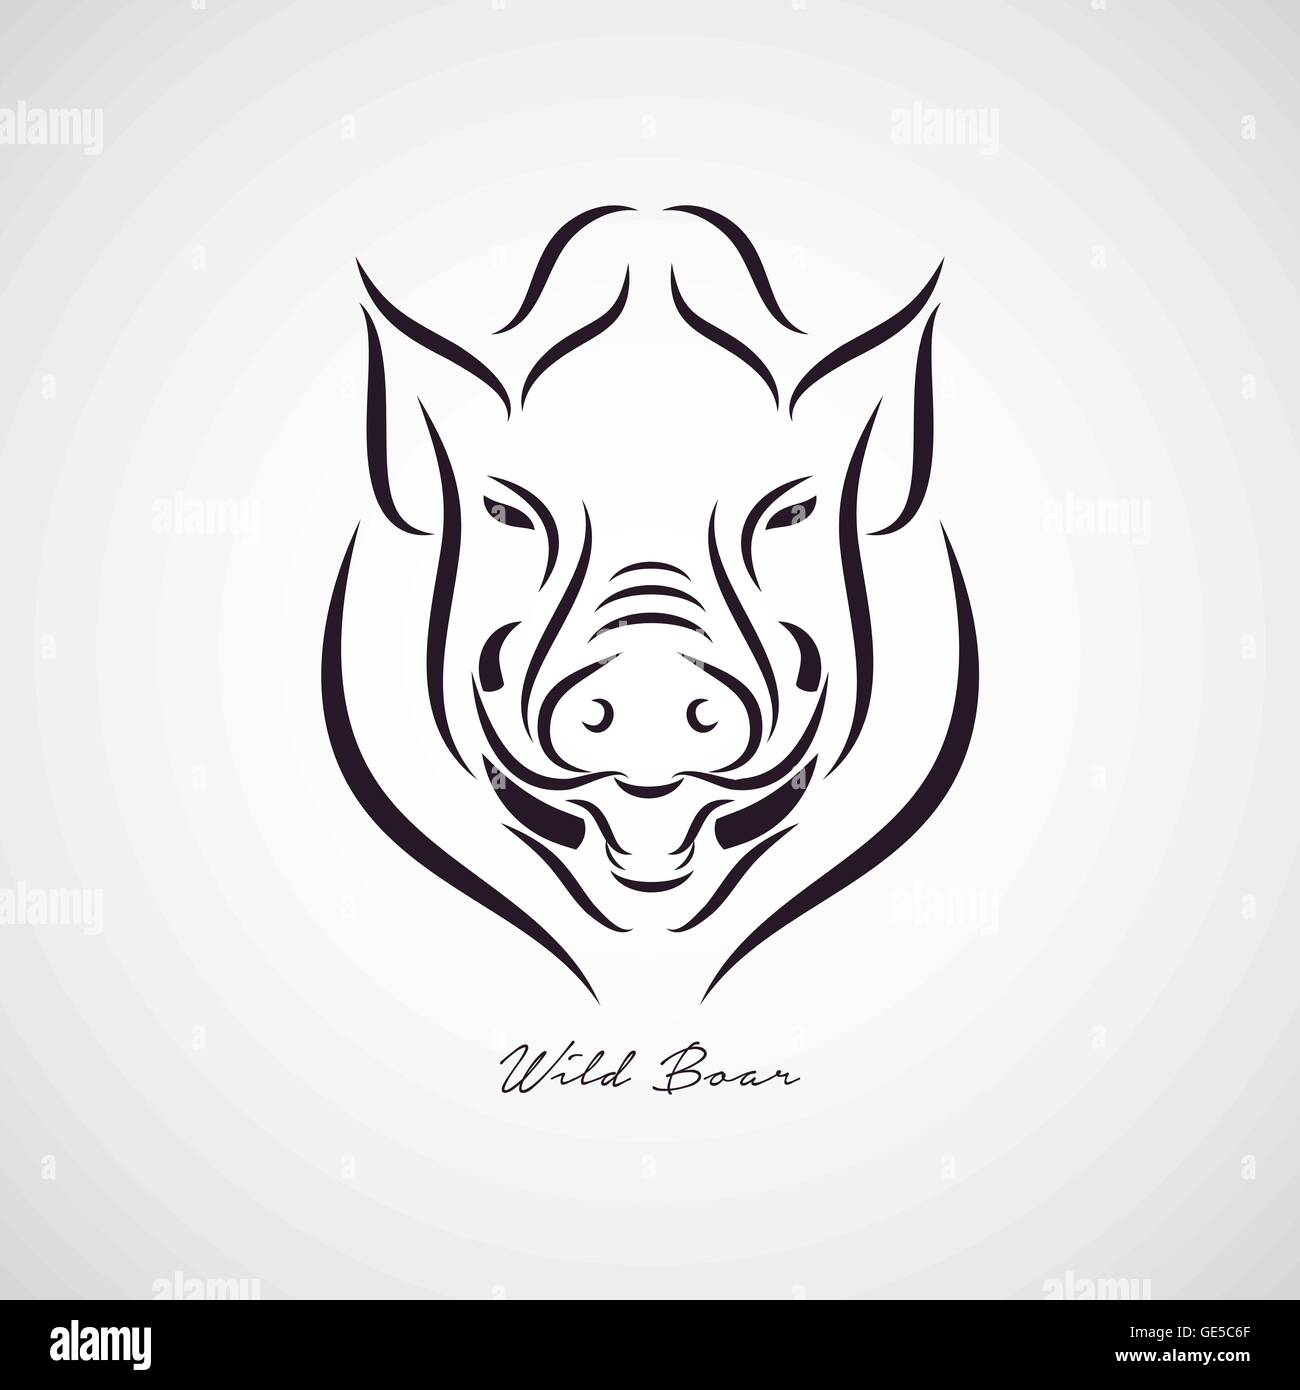 Wild Boar Logo Vector Stock Vector Art Illustration Vector Image